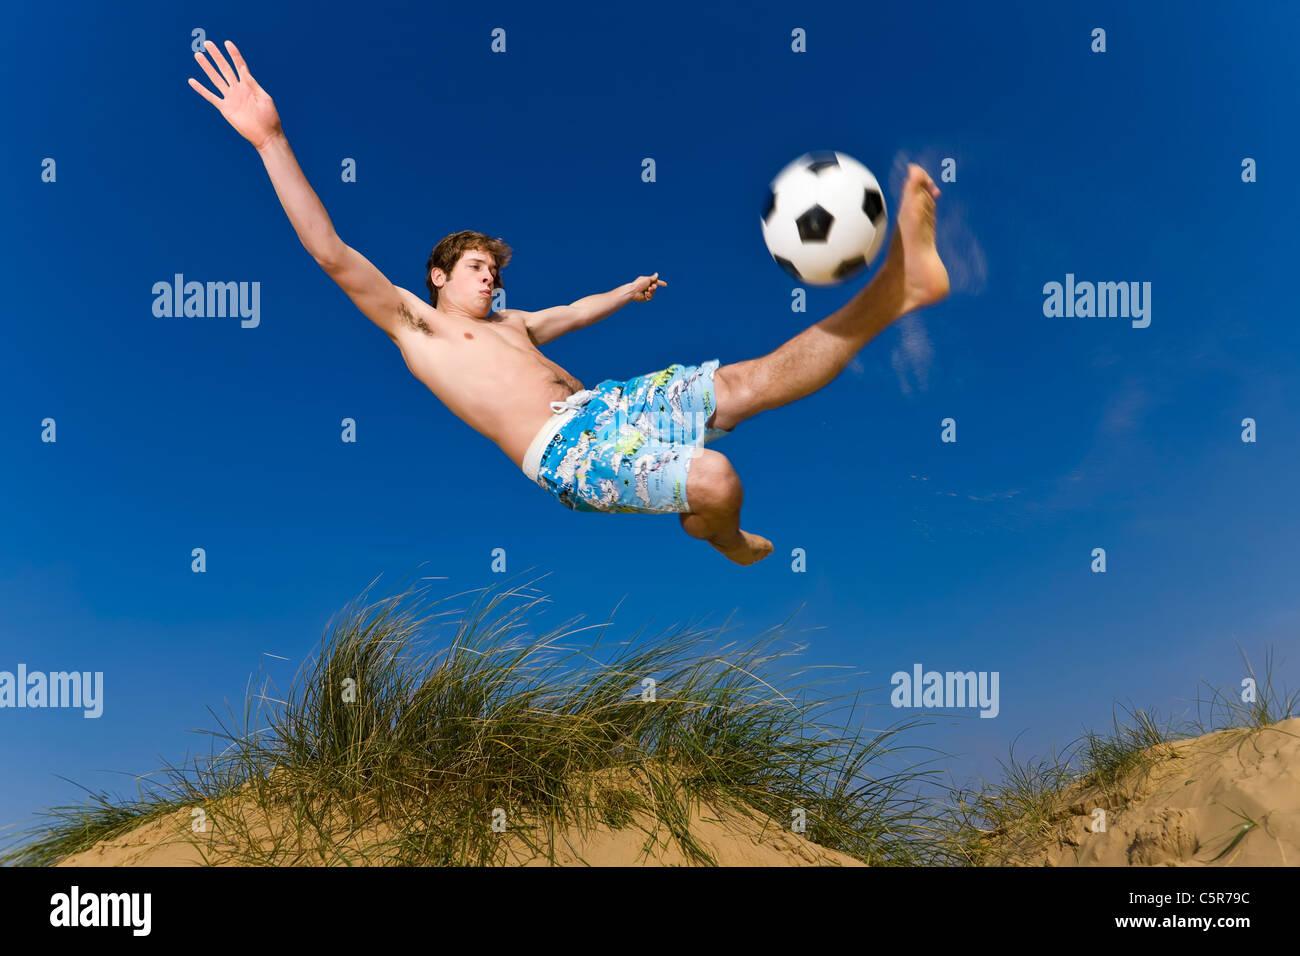 Un joueur de football de plage se connecte à l'overhead kick. Photo Stock